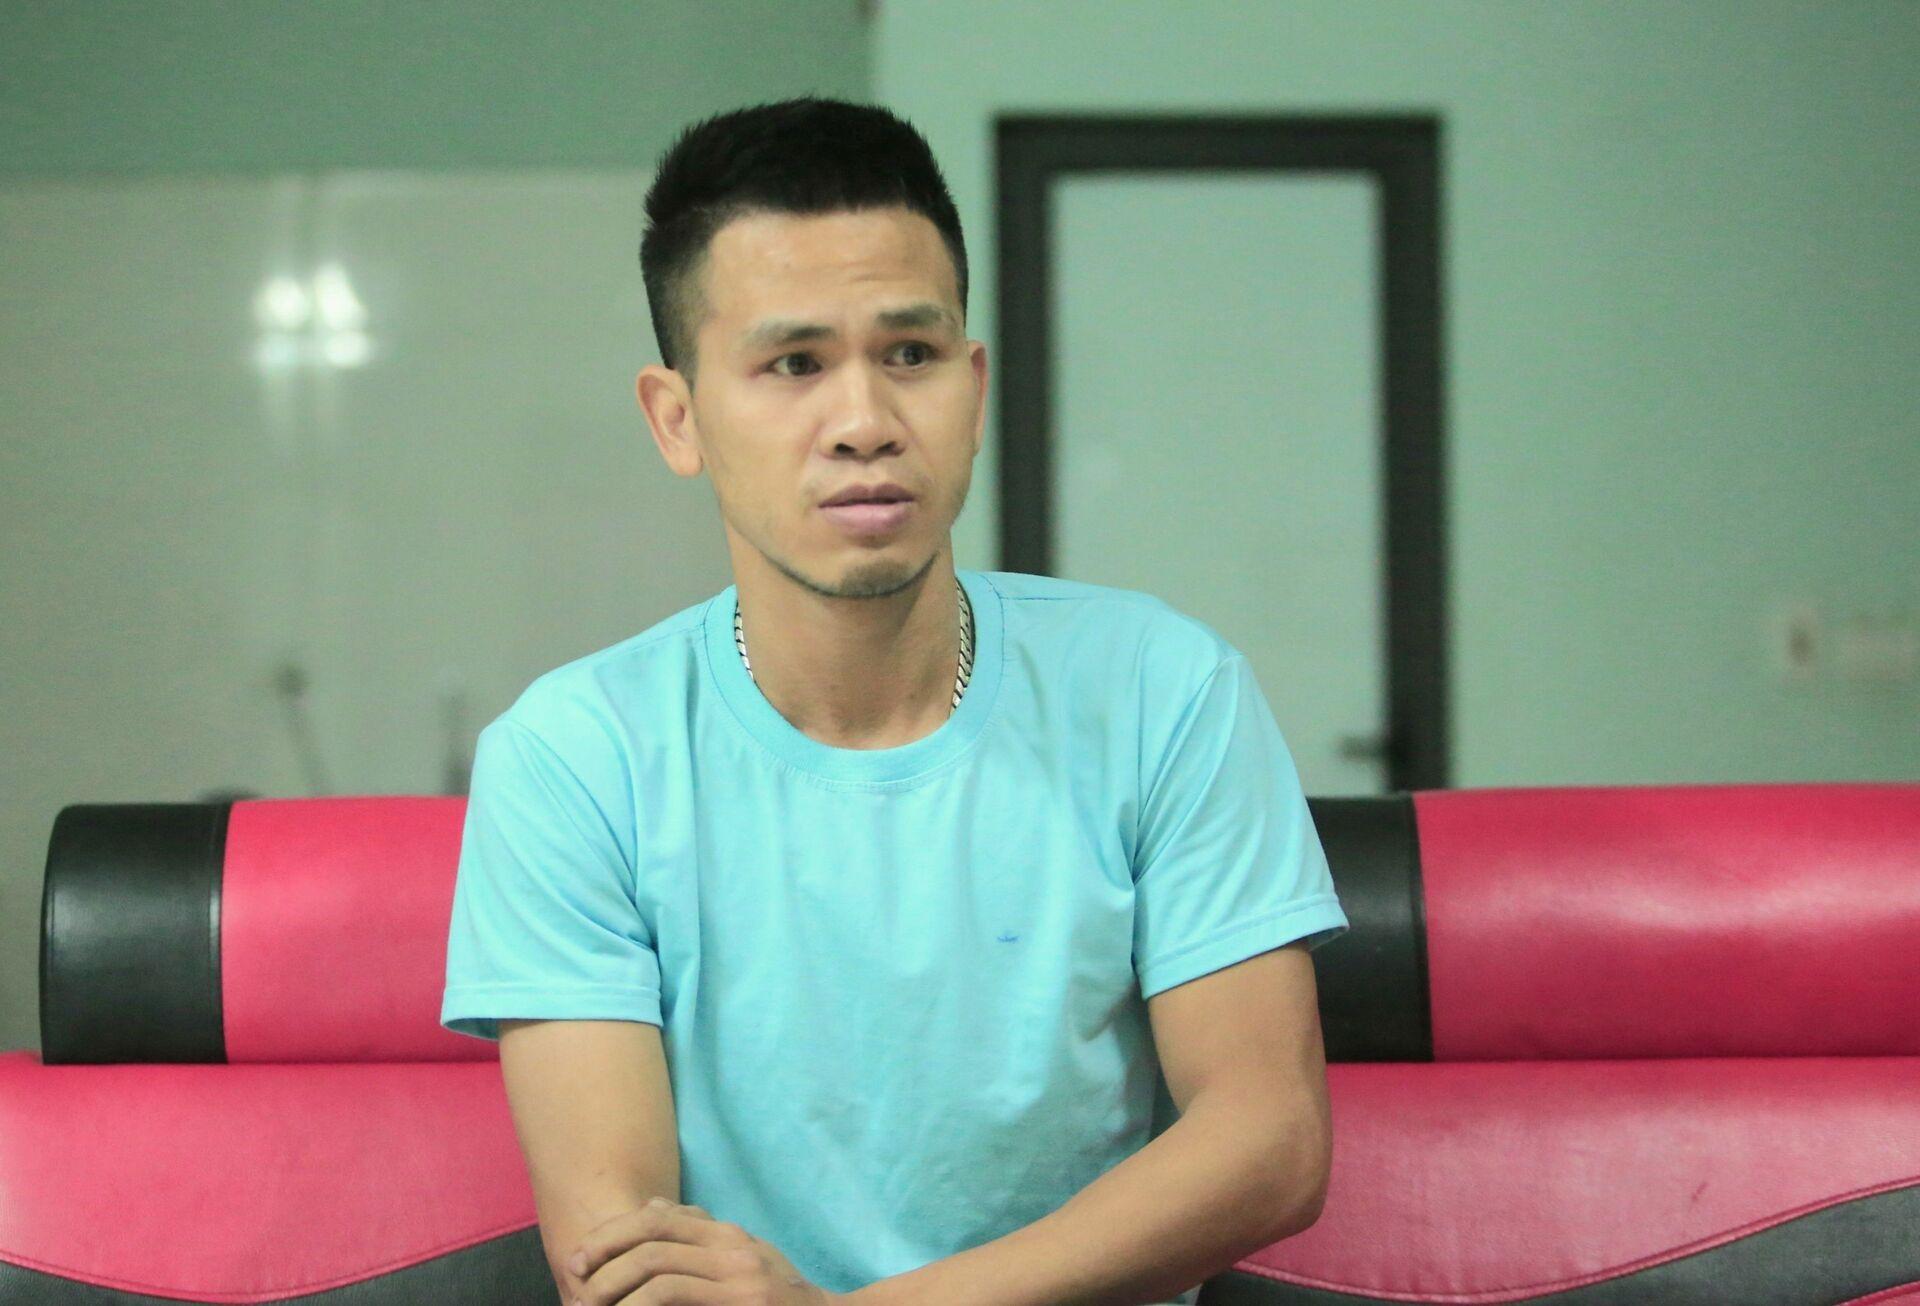 Vì sao anh Nguyễn Ngọc Mạnh cứu được bé gái rơi từ tầng 12 chung cư? - Sputnik Việt Nam, 1920, 01.03.2021